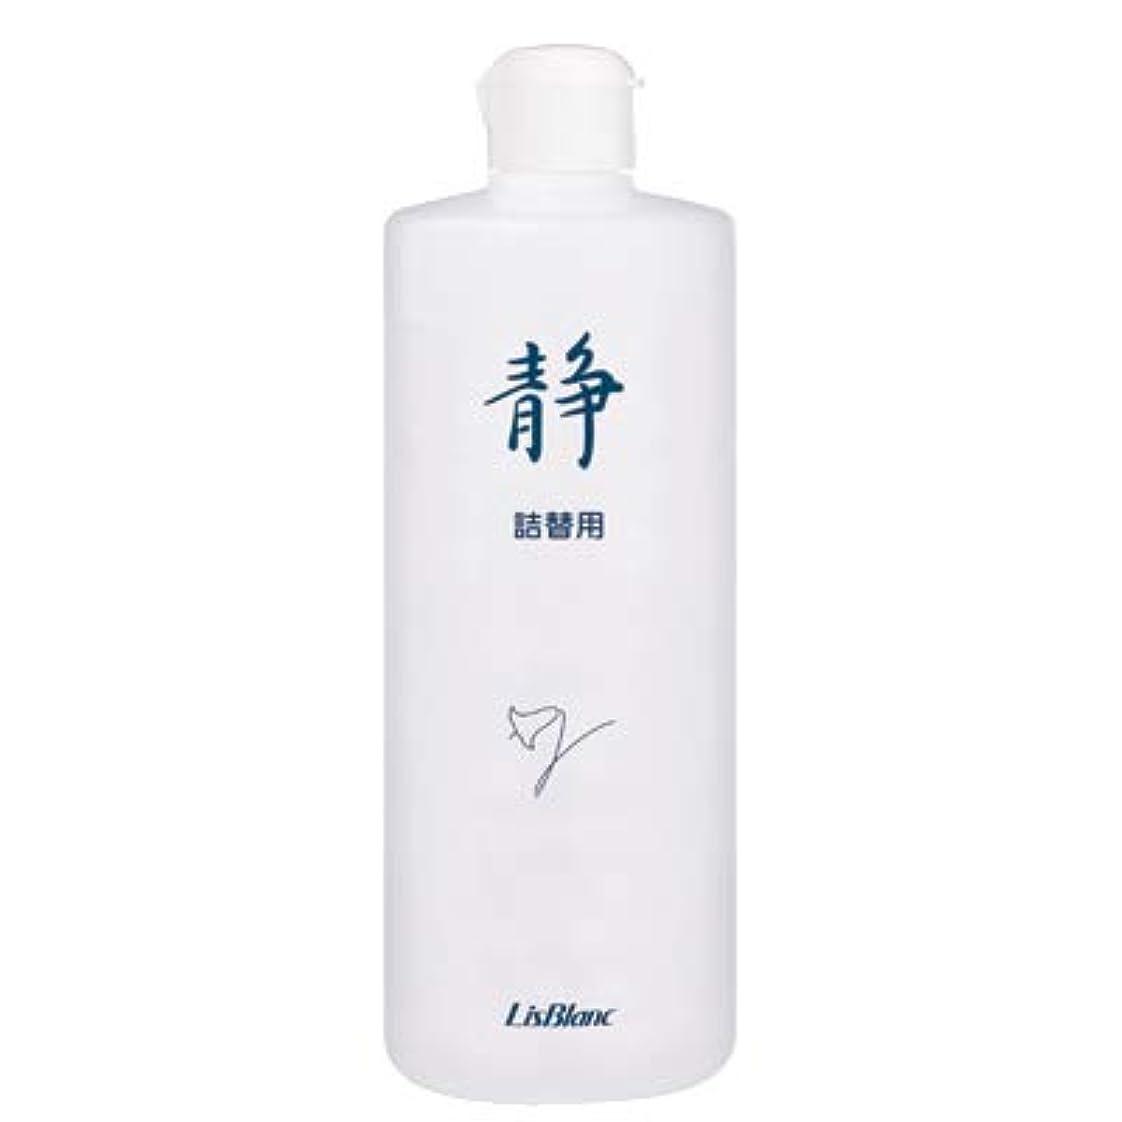 規範驚くべき赤道リスブラン しずかスプレー 徳用 500mL フェイス&ボディ用化粧水